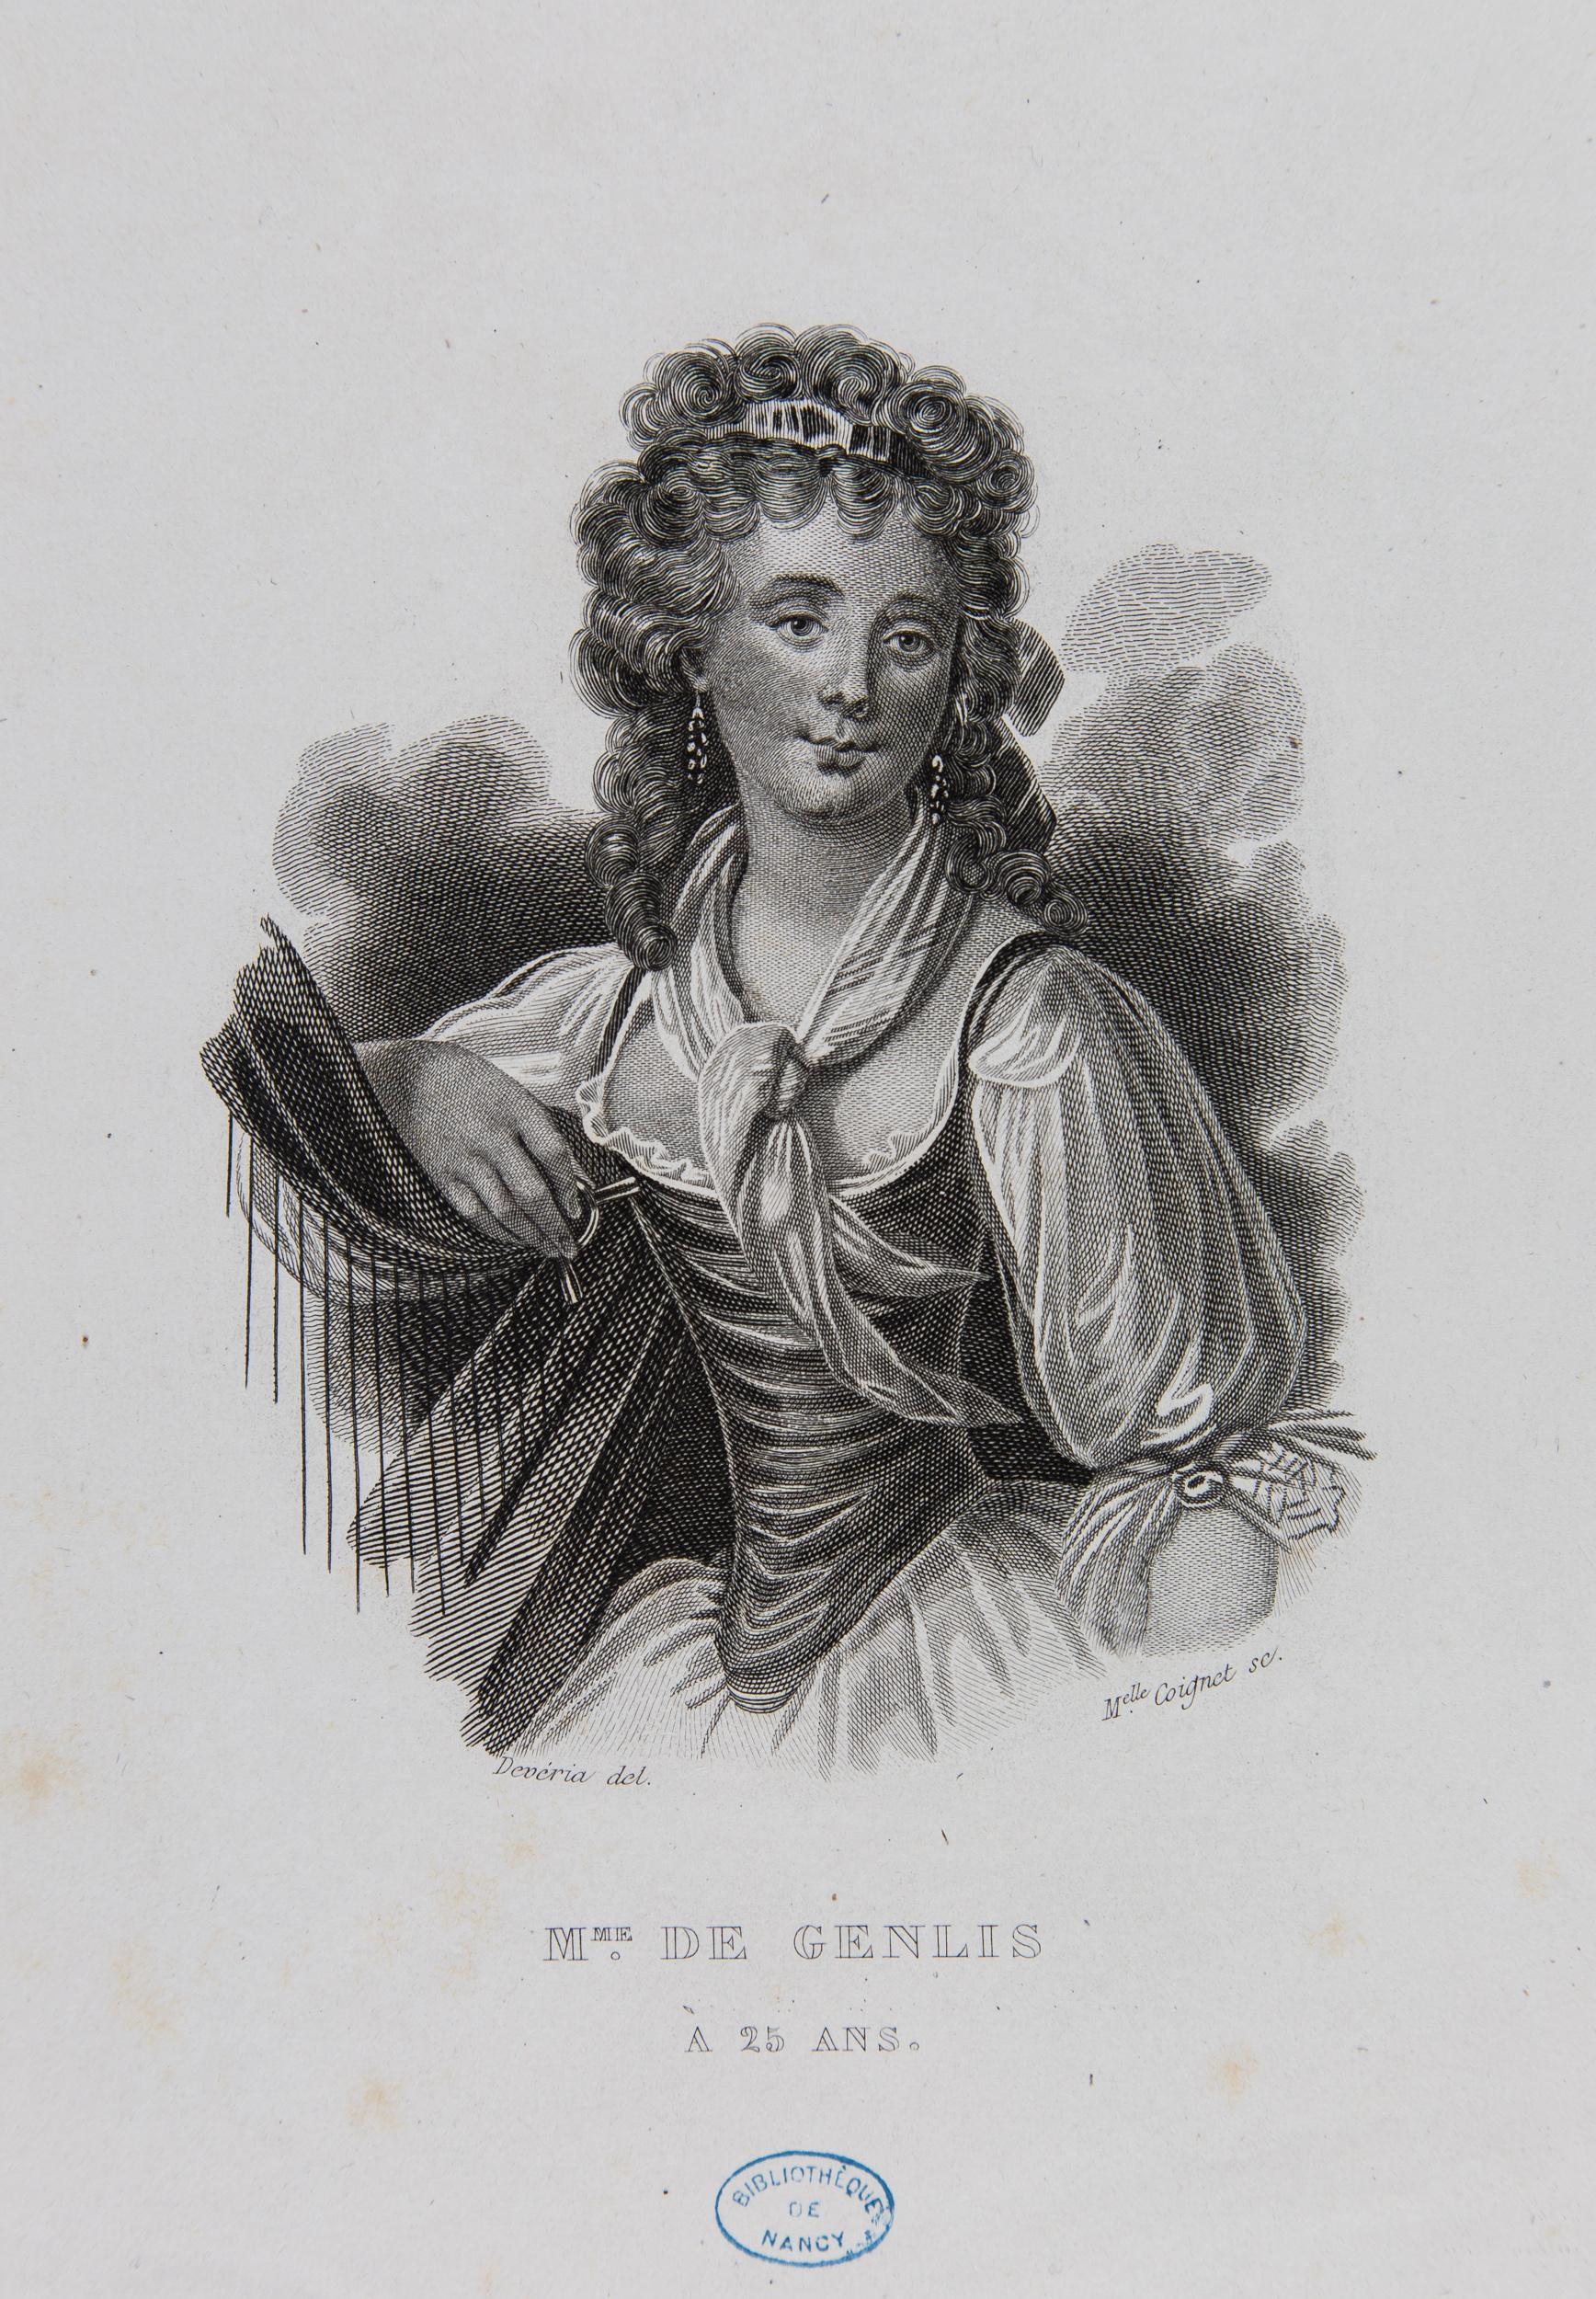 Portrait de Madame de Genlis. Lithographie par Melle Coignet d'après un dessin de Devéria. (FG3 Genlis)